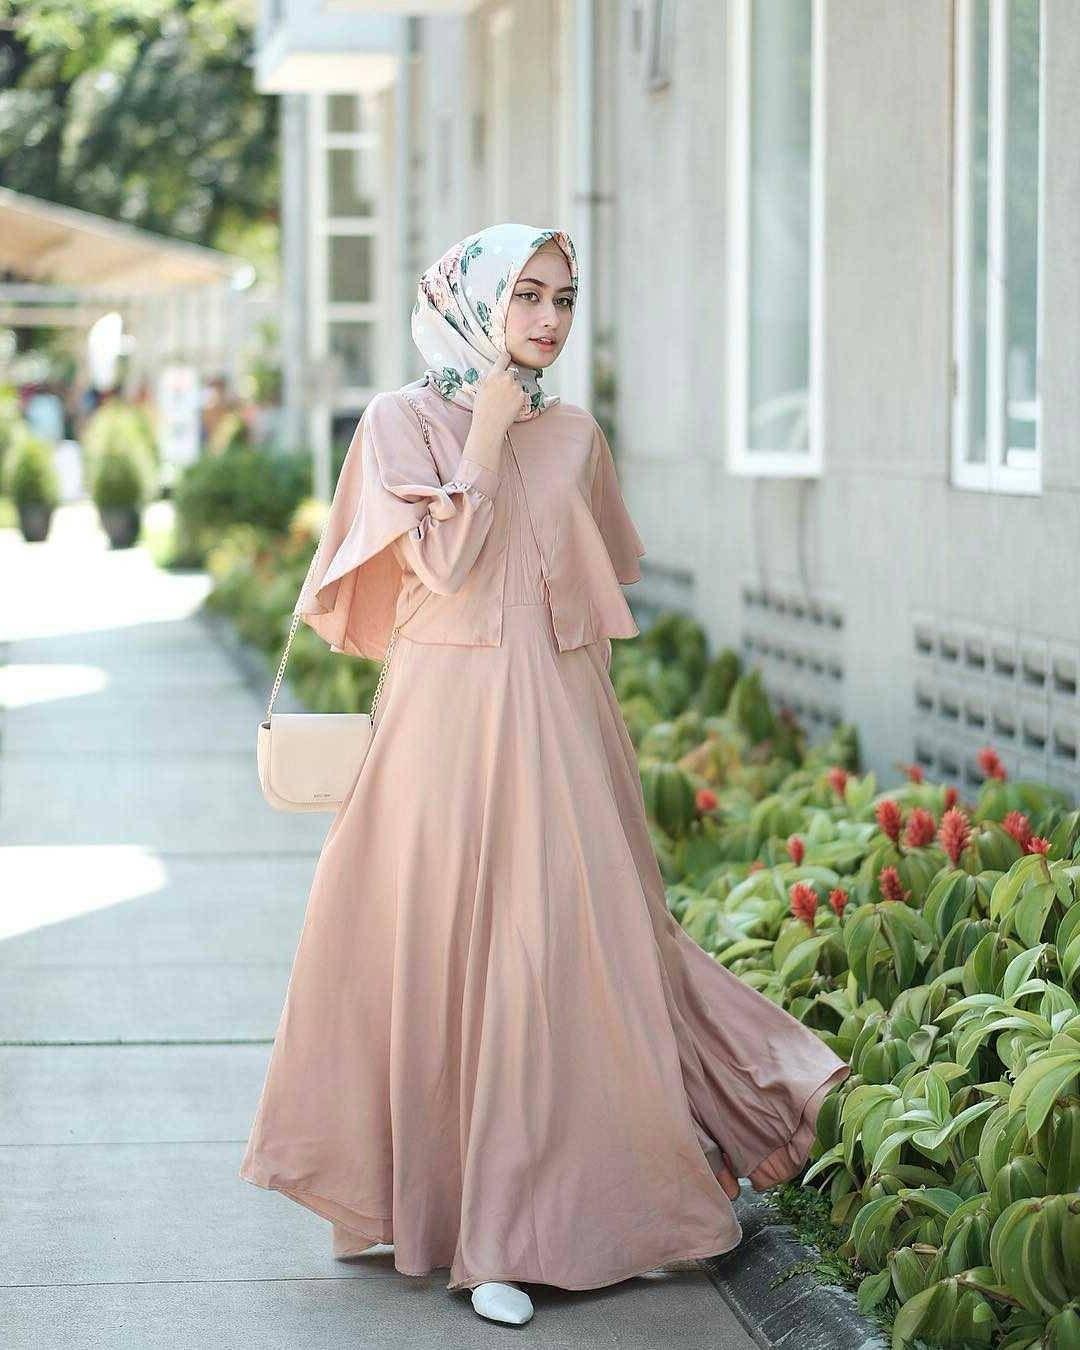 Bentuk Desain Baju Lebaran 2018 Bqdd 21 Model Gamis Lebaran 2018 Desain Elegan Casual Dan Modern